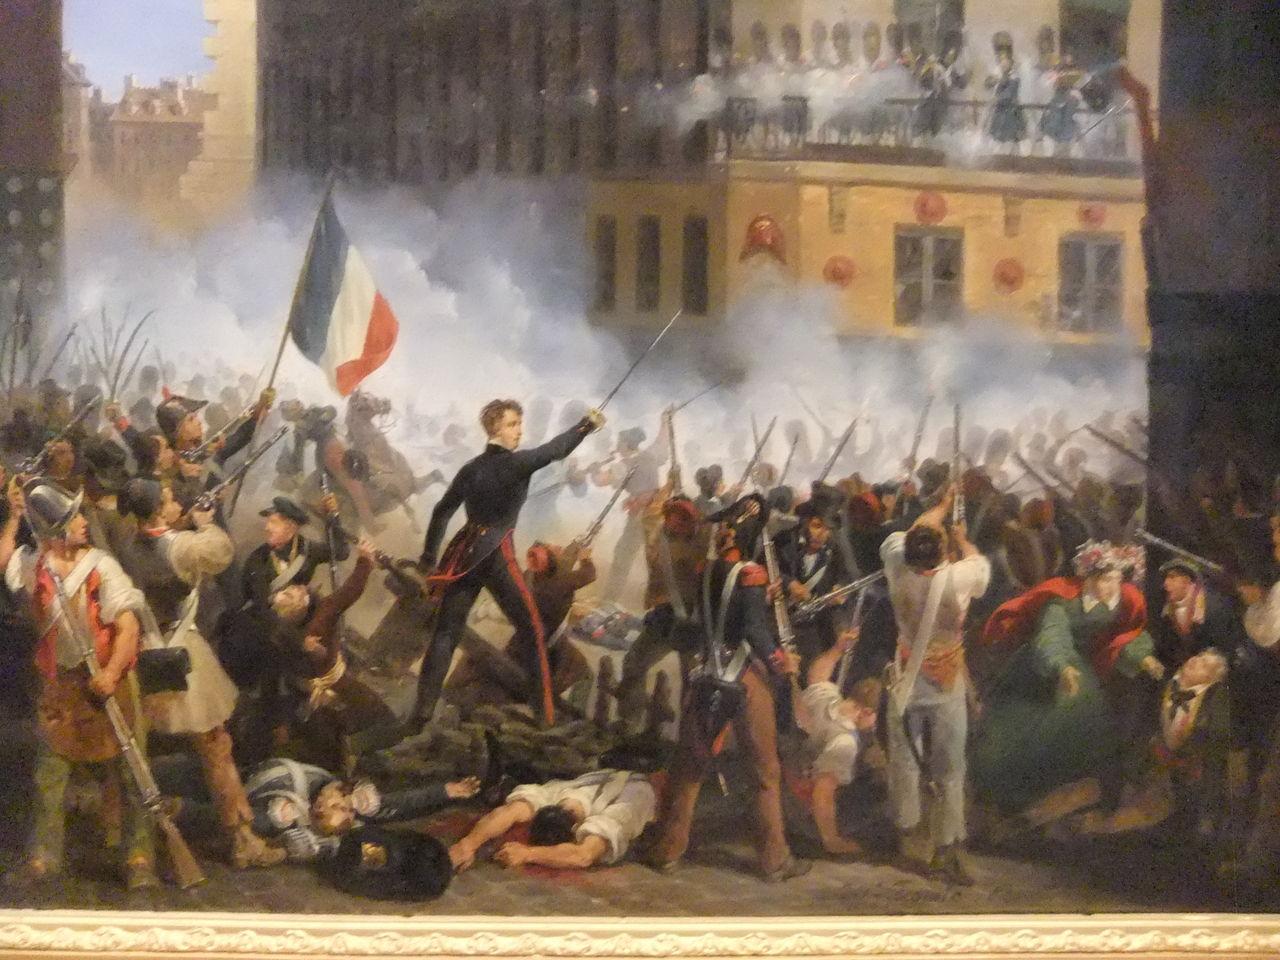 世界史の旅 -探訪記と歴史グッズ-<探訪記>カルナヴァレ博物館(パリ)コメント